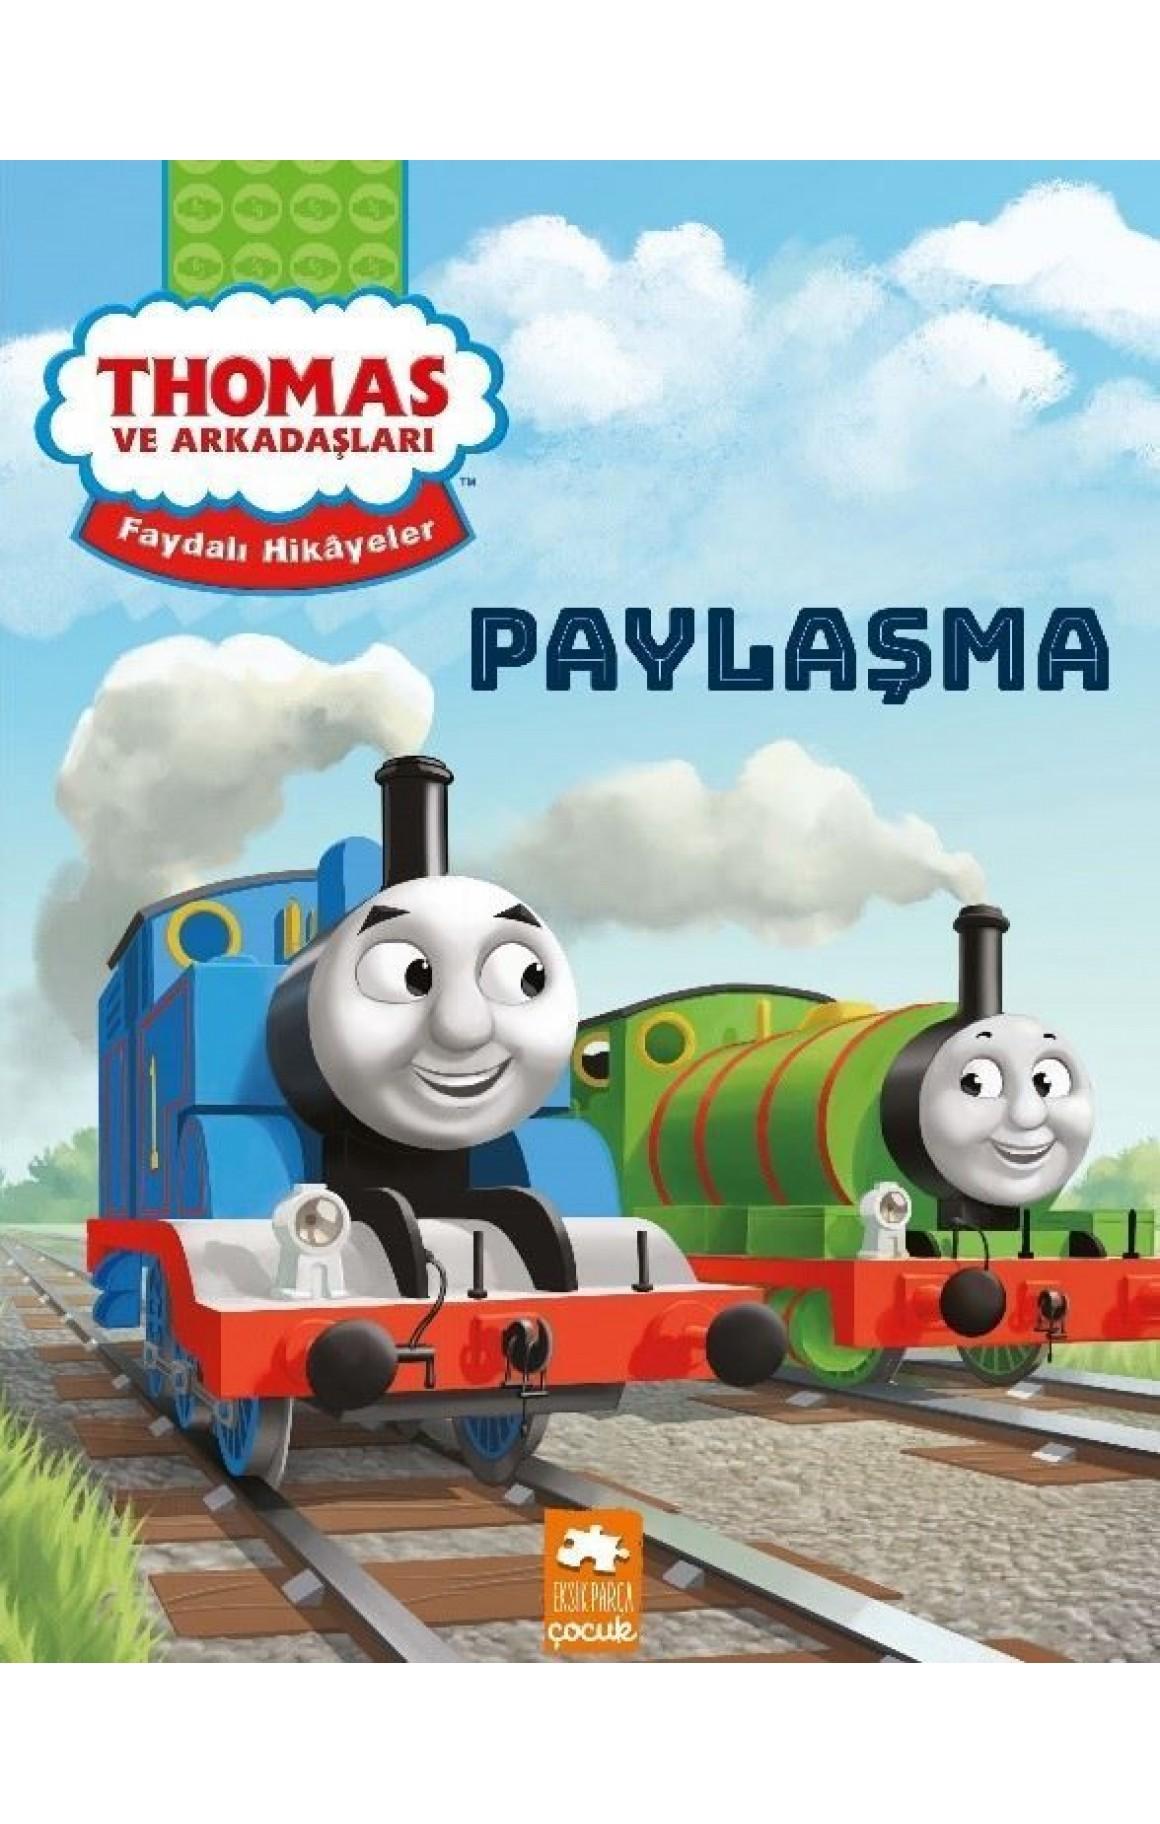 Paylaşma-Thomas ve Arkadaşları